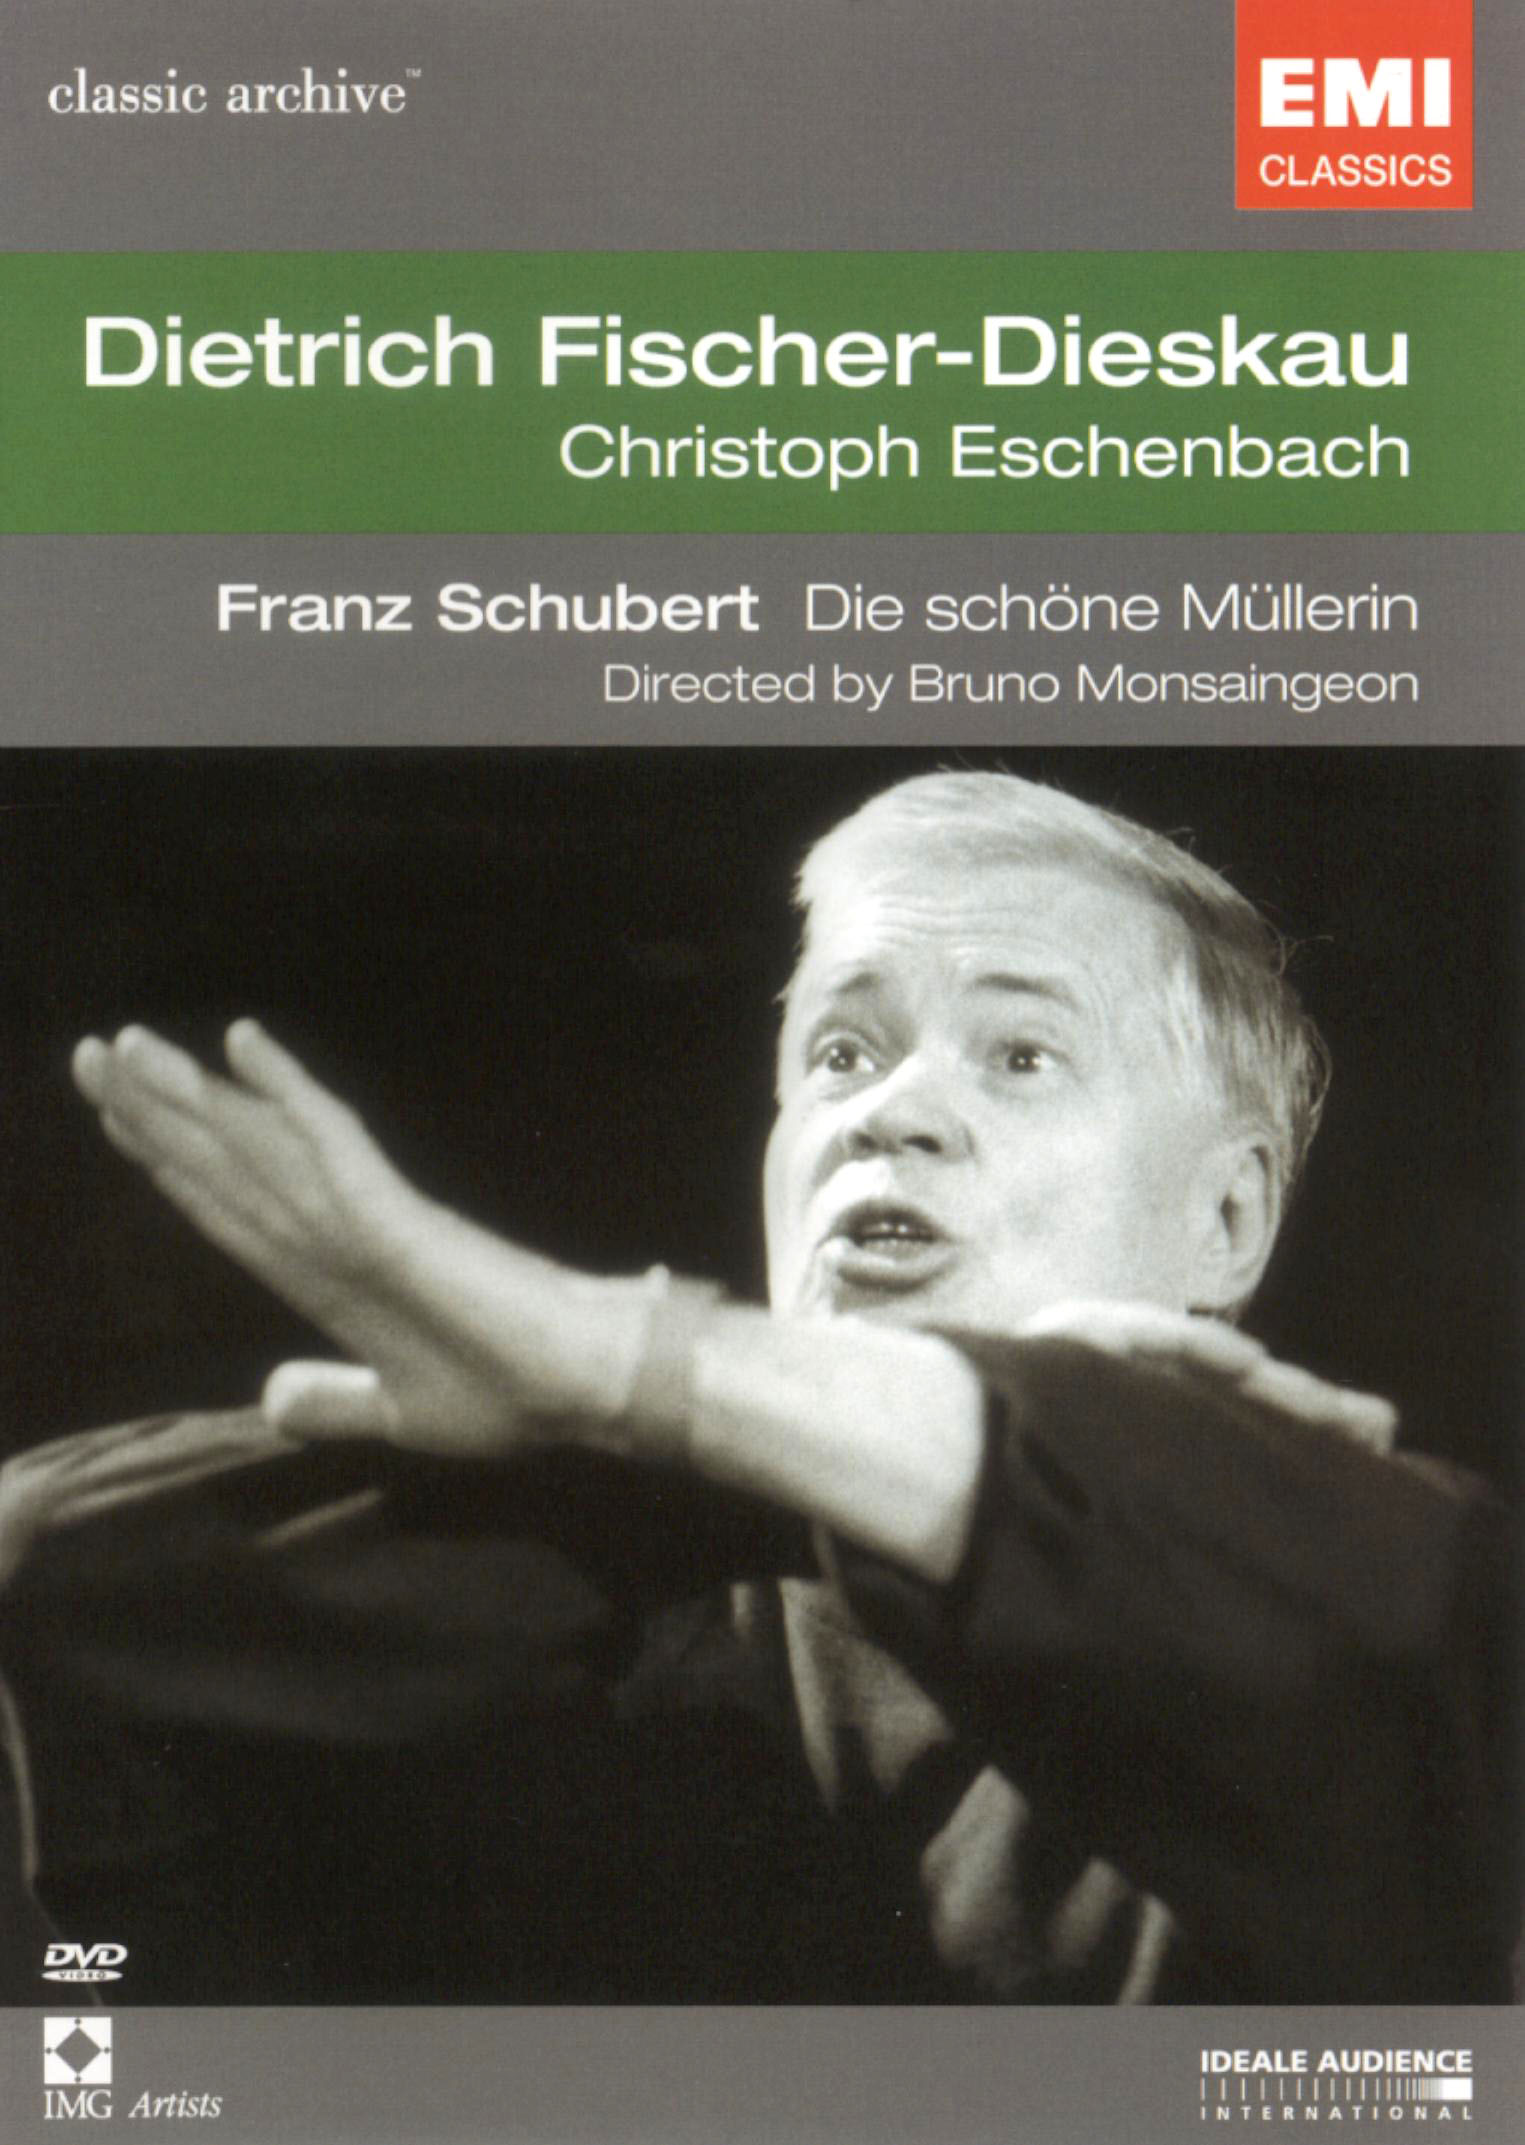 Dietrich Fischer-Dieskau - Christoph Eschenbach